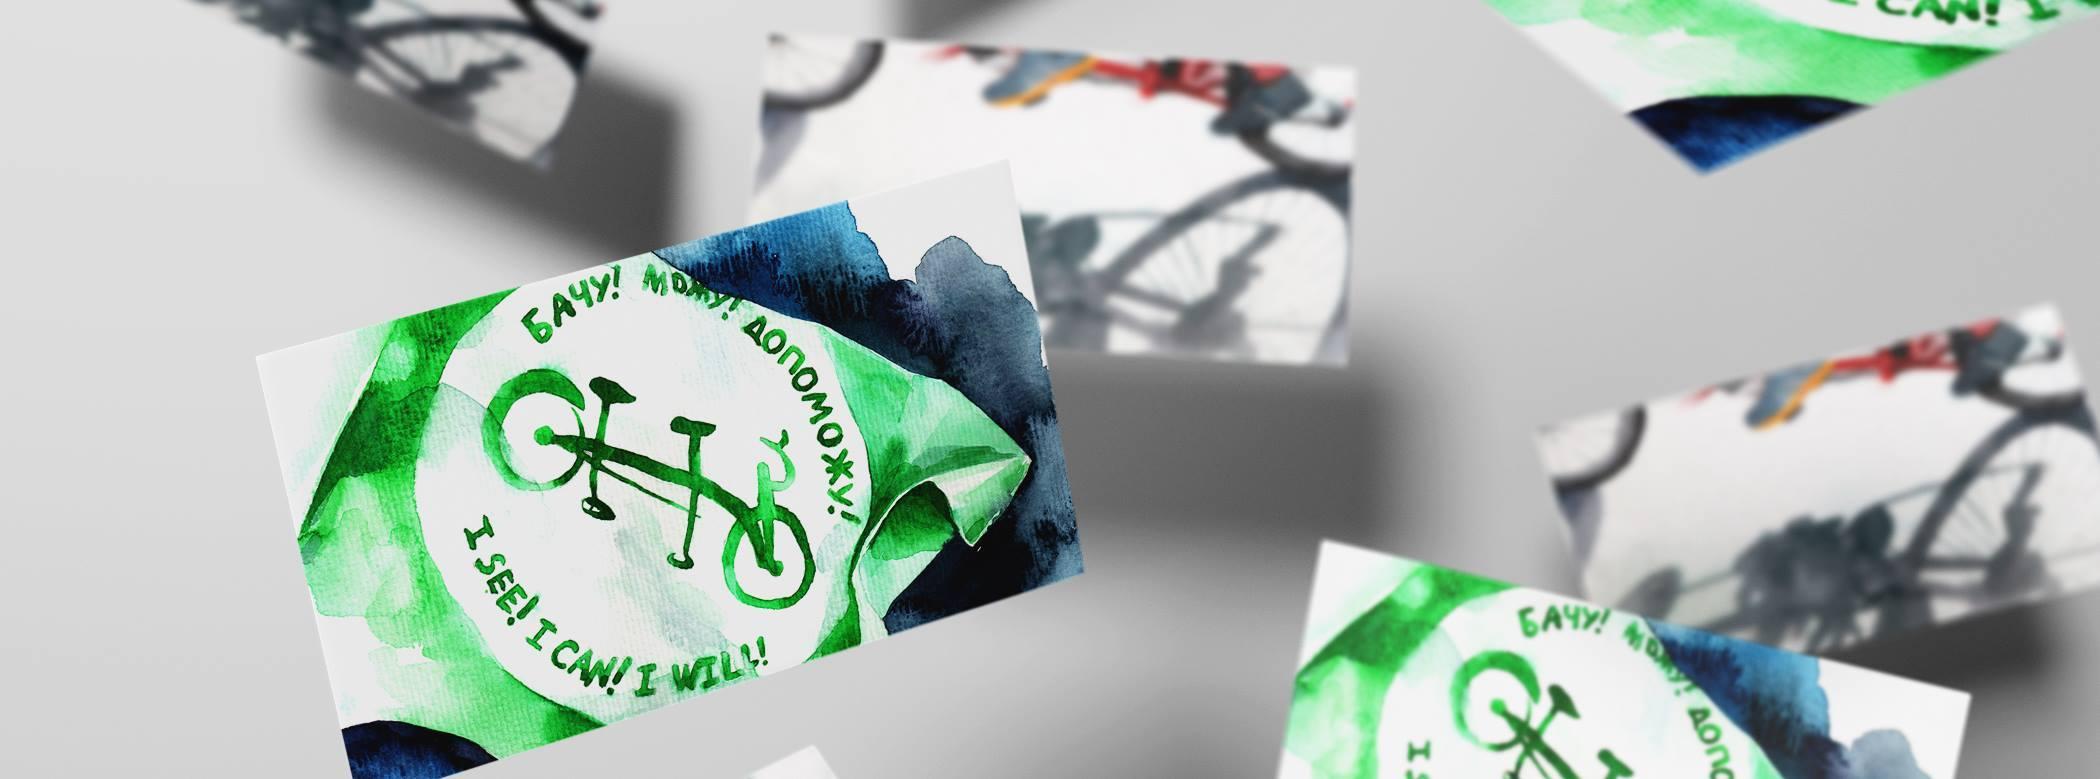 На фото: стилізовані листівки велопробігу літають у повітрі. На листівках альбомного формату - намальований аквареллю логотип велопробігу